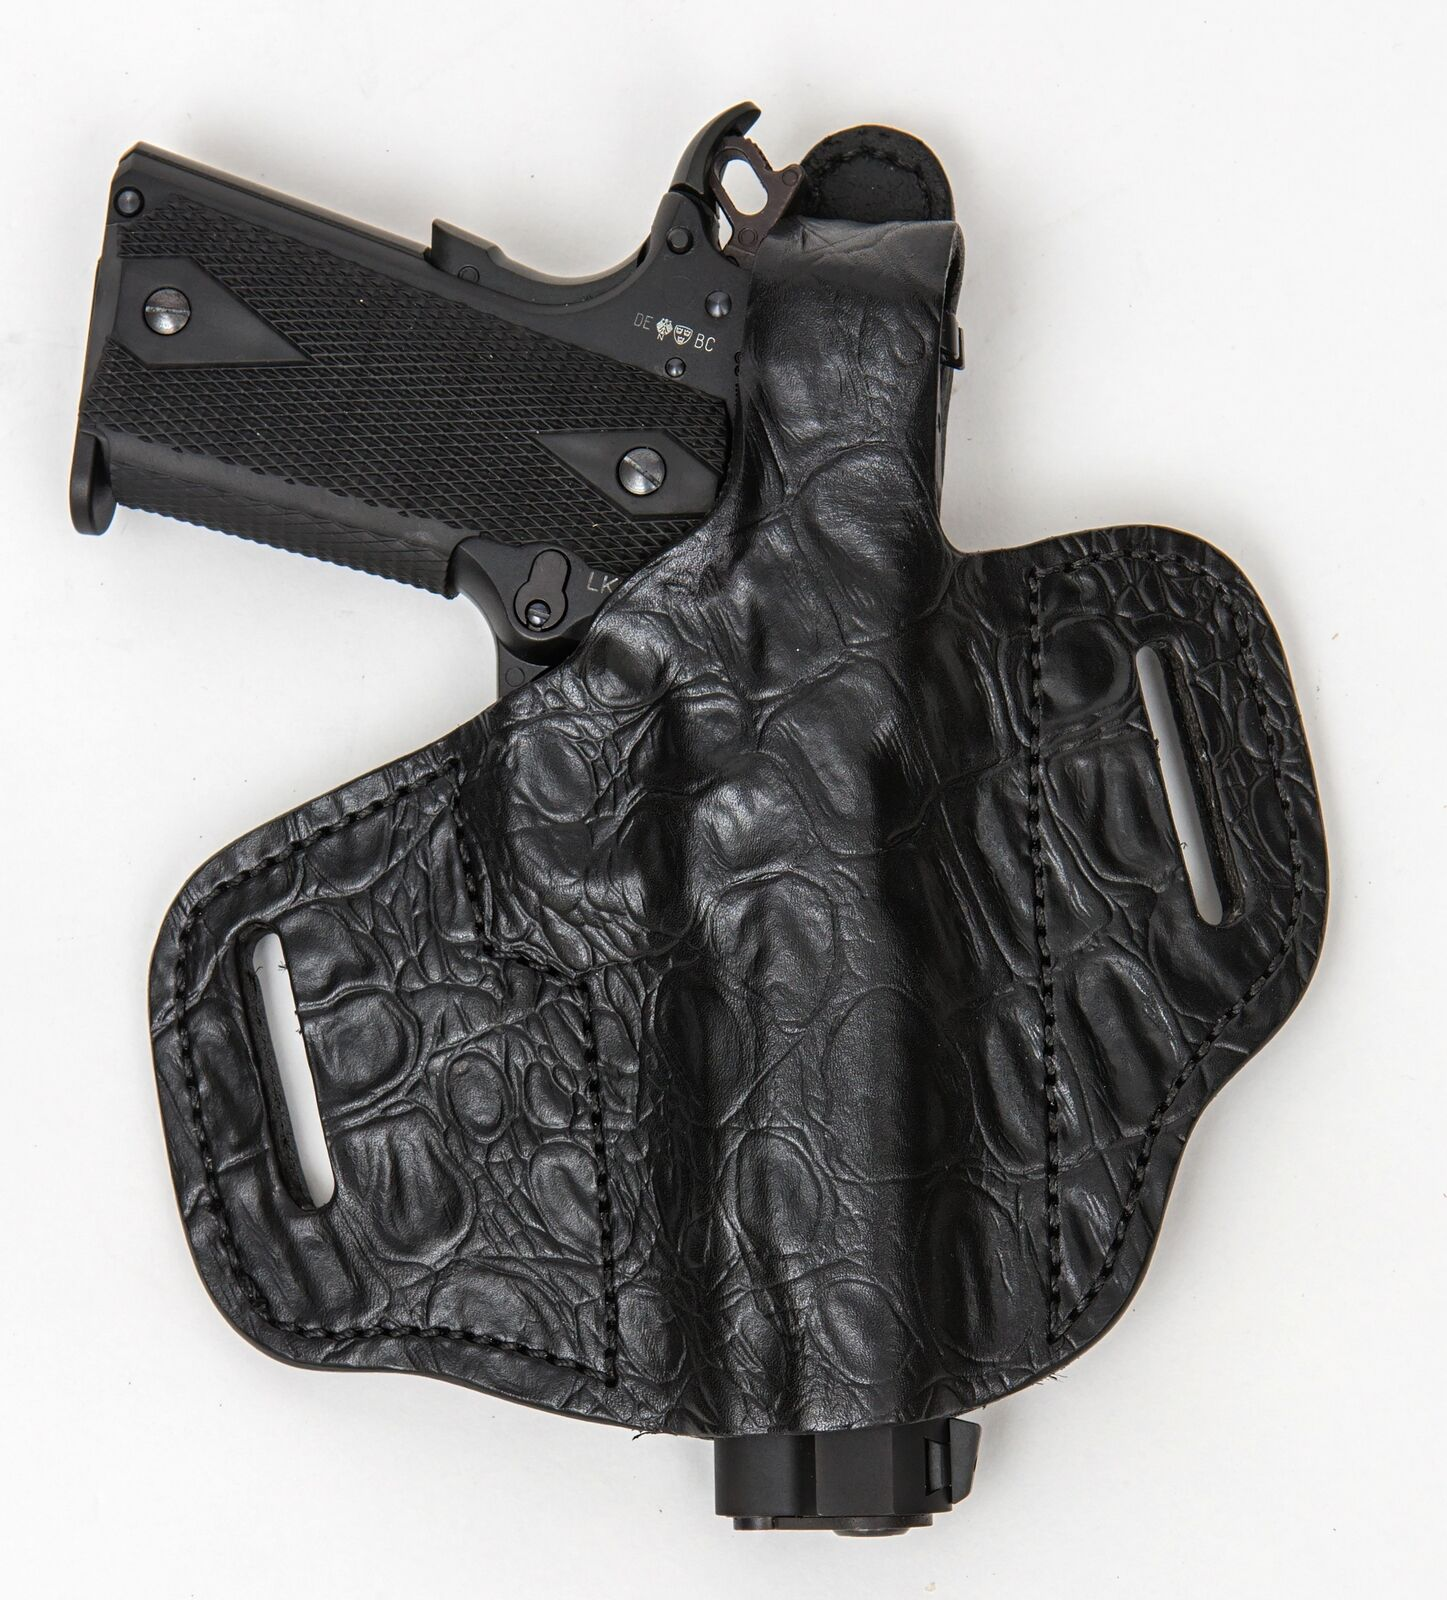 En servicio ocultar RH LH owb Cuero Funda Pistola Para S&W M & P 9 40 45 4.25